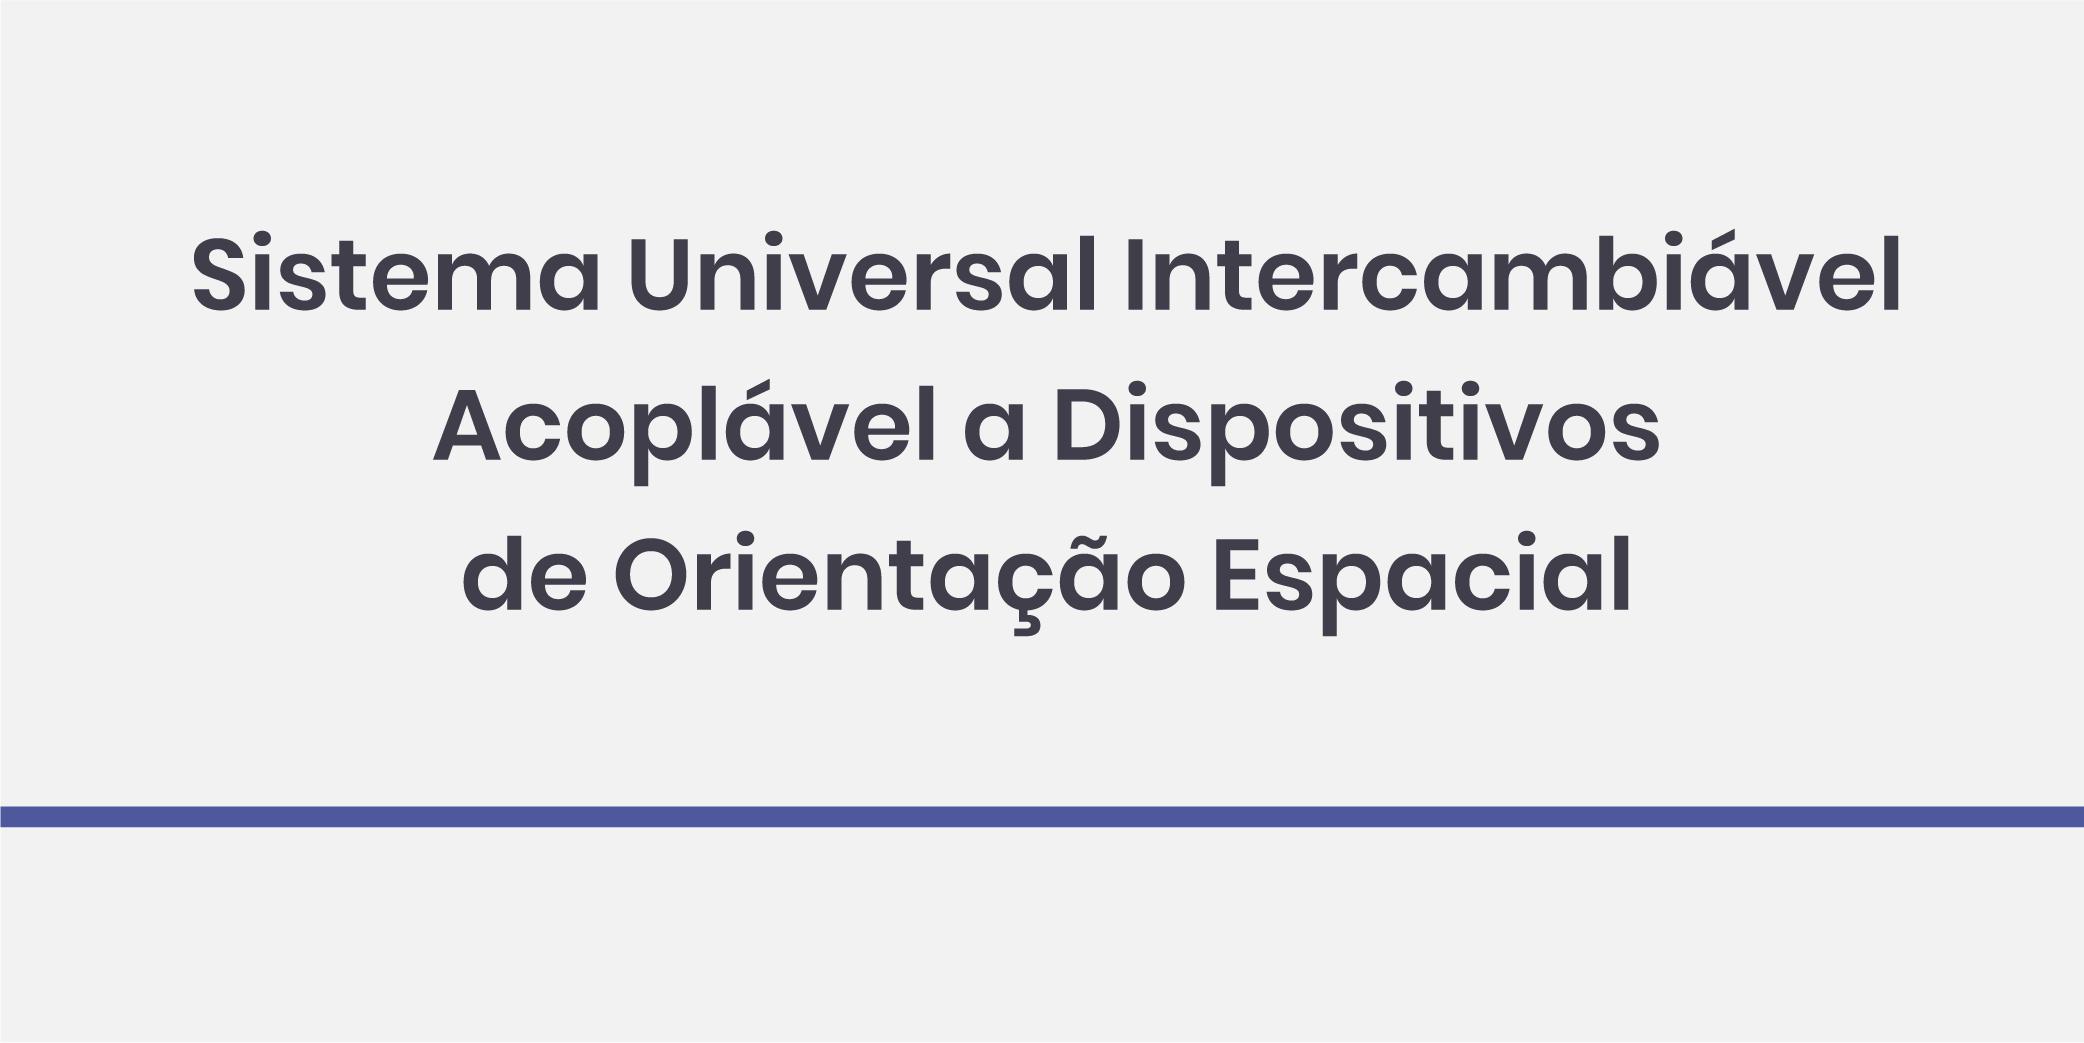 Sistema Universal Intercambiável Acoplável a Dispositivos de Orientação Espacial